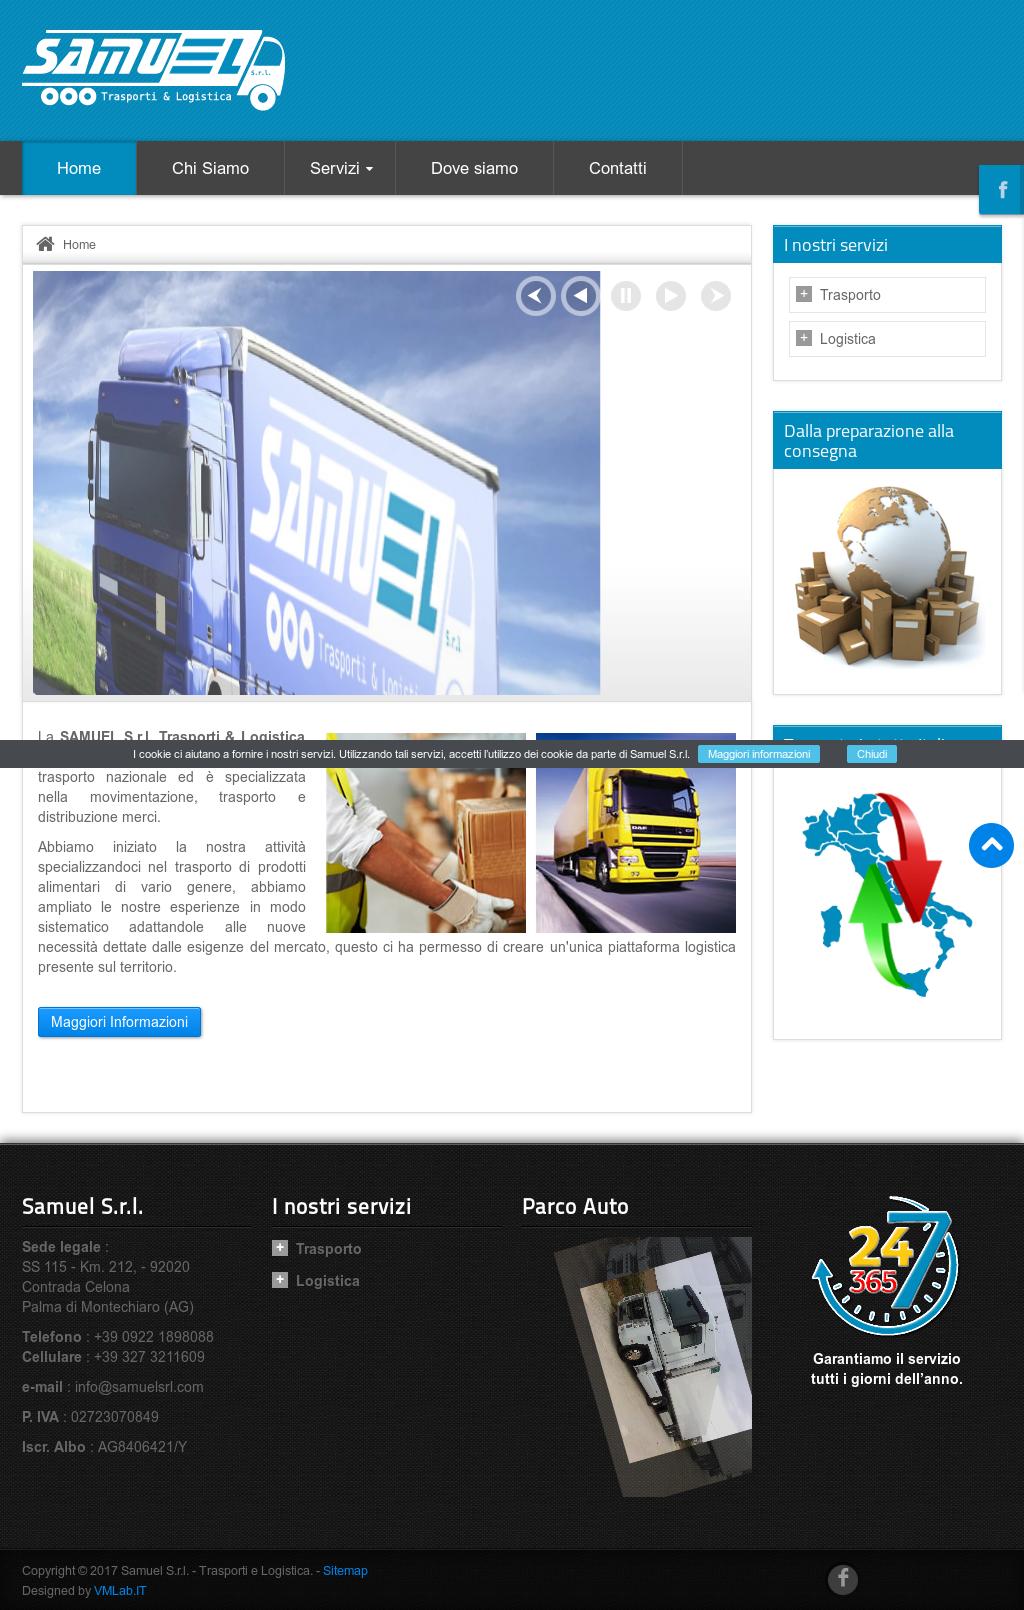 samuel trasporti e logistica competitors, revenue and employees